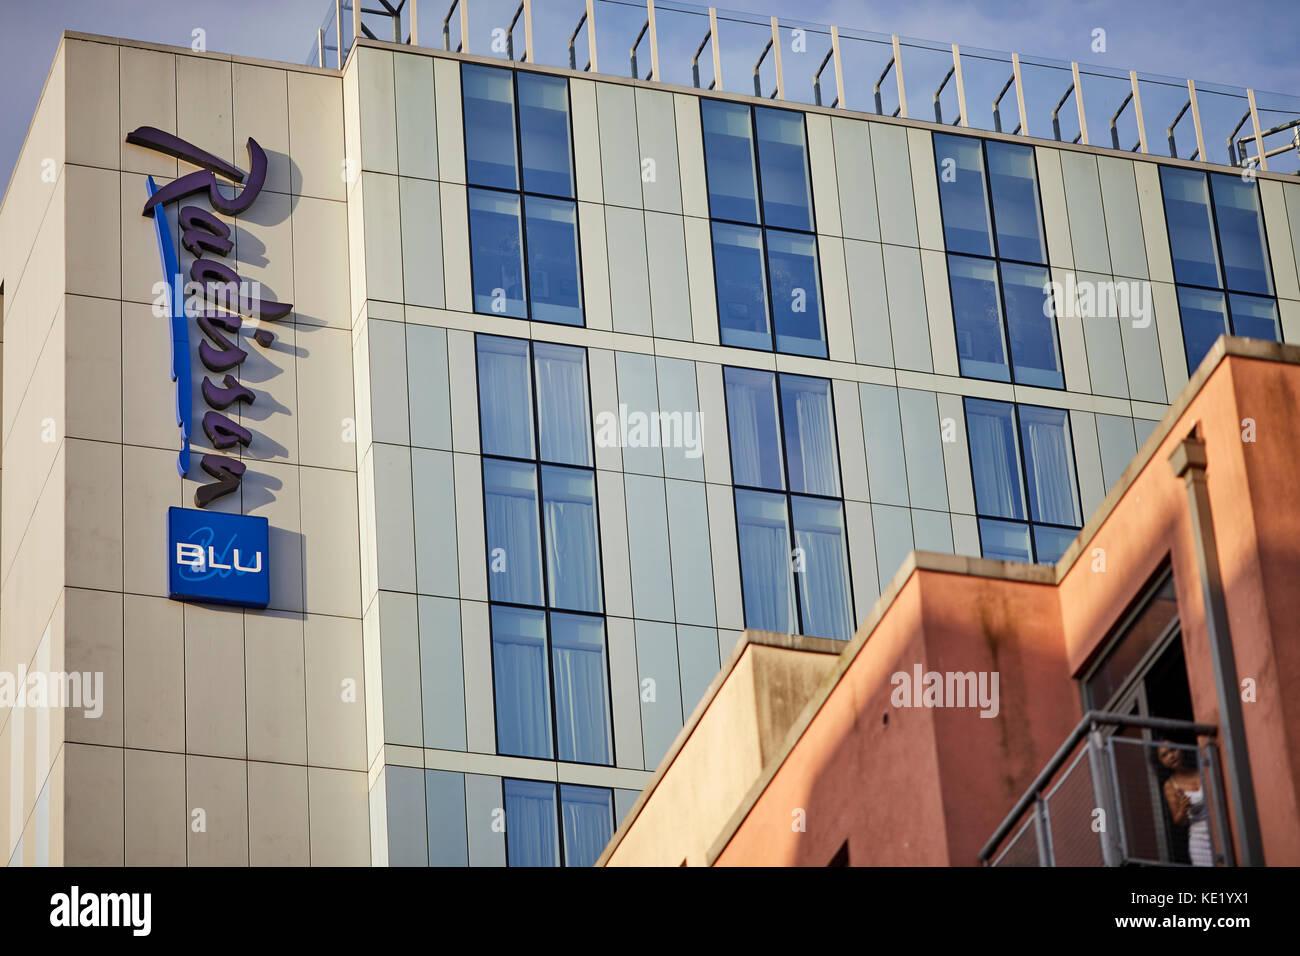 Radisson Blu hotel contemporary, city centre hotel in Bristol city centre - Stock Image